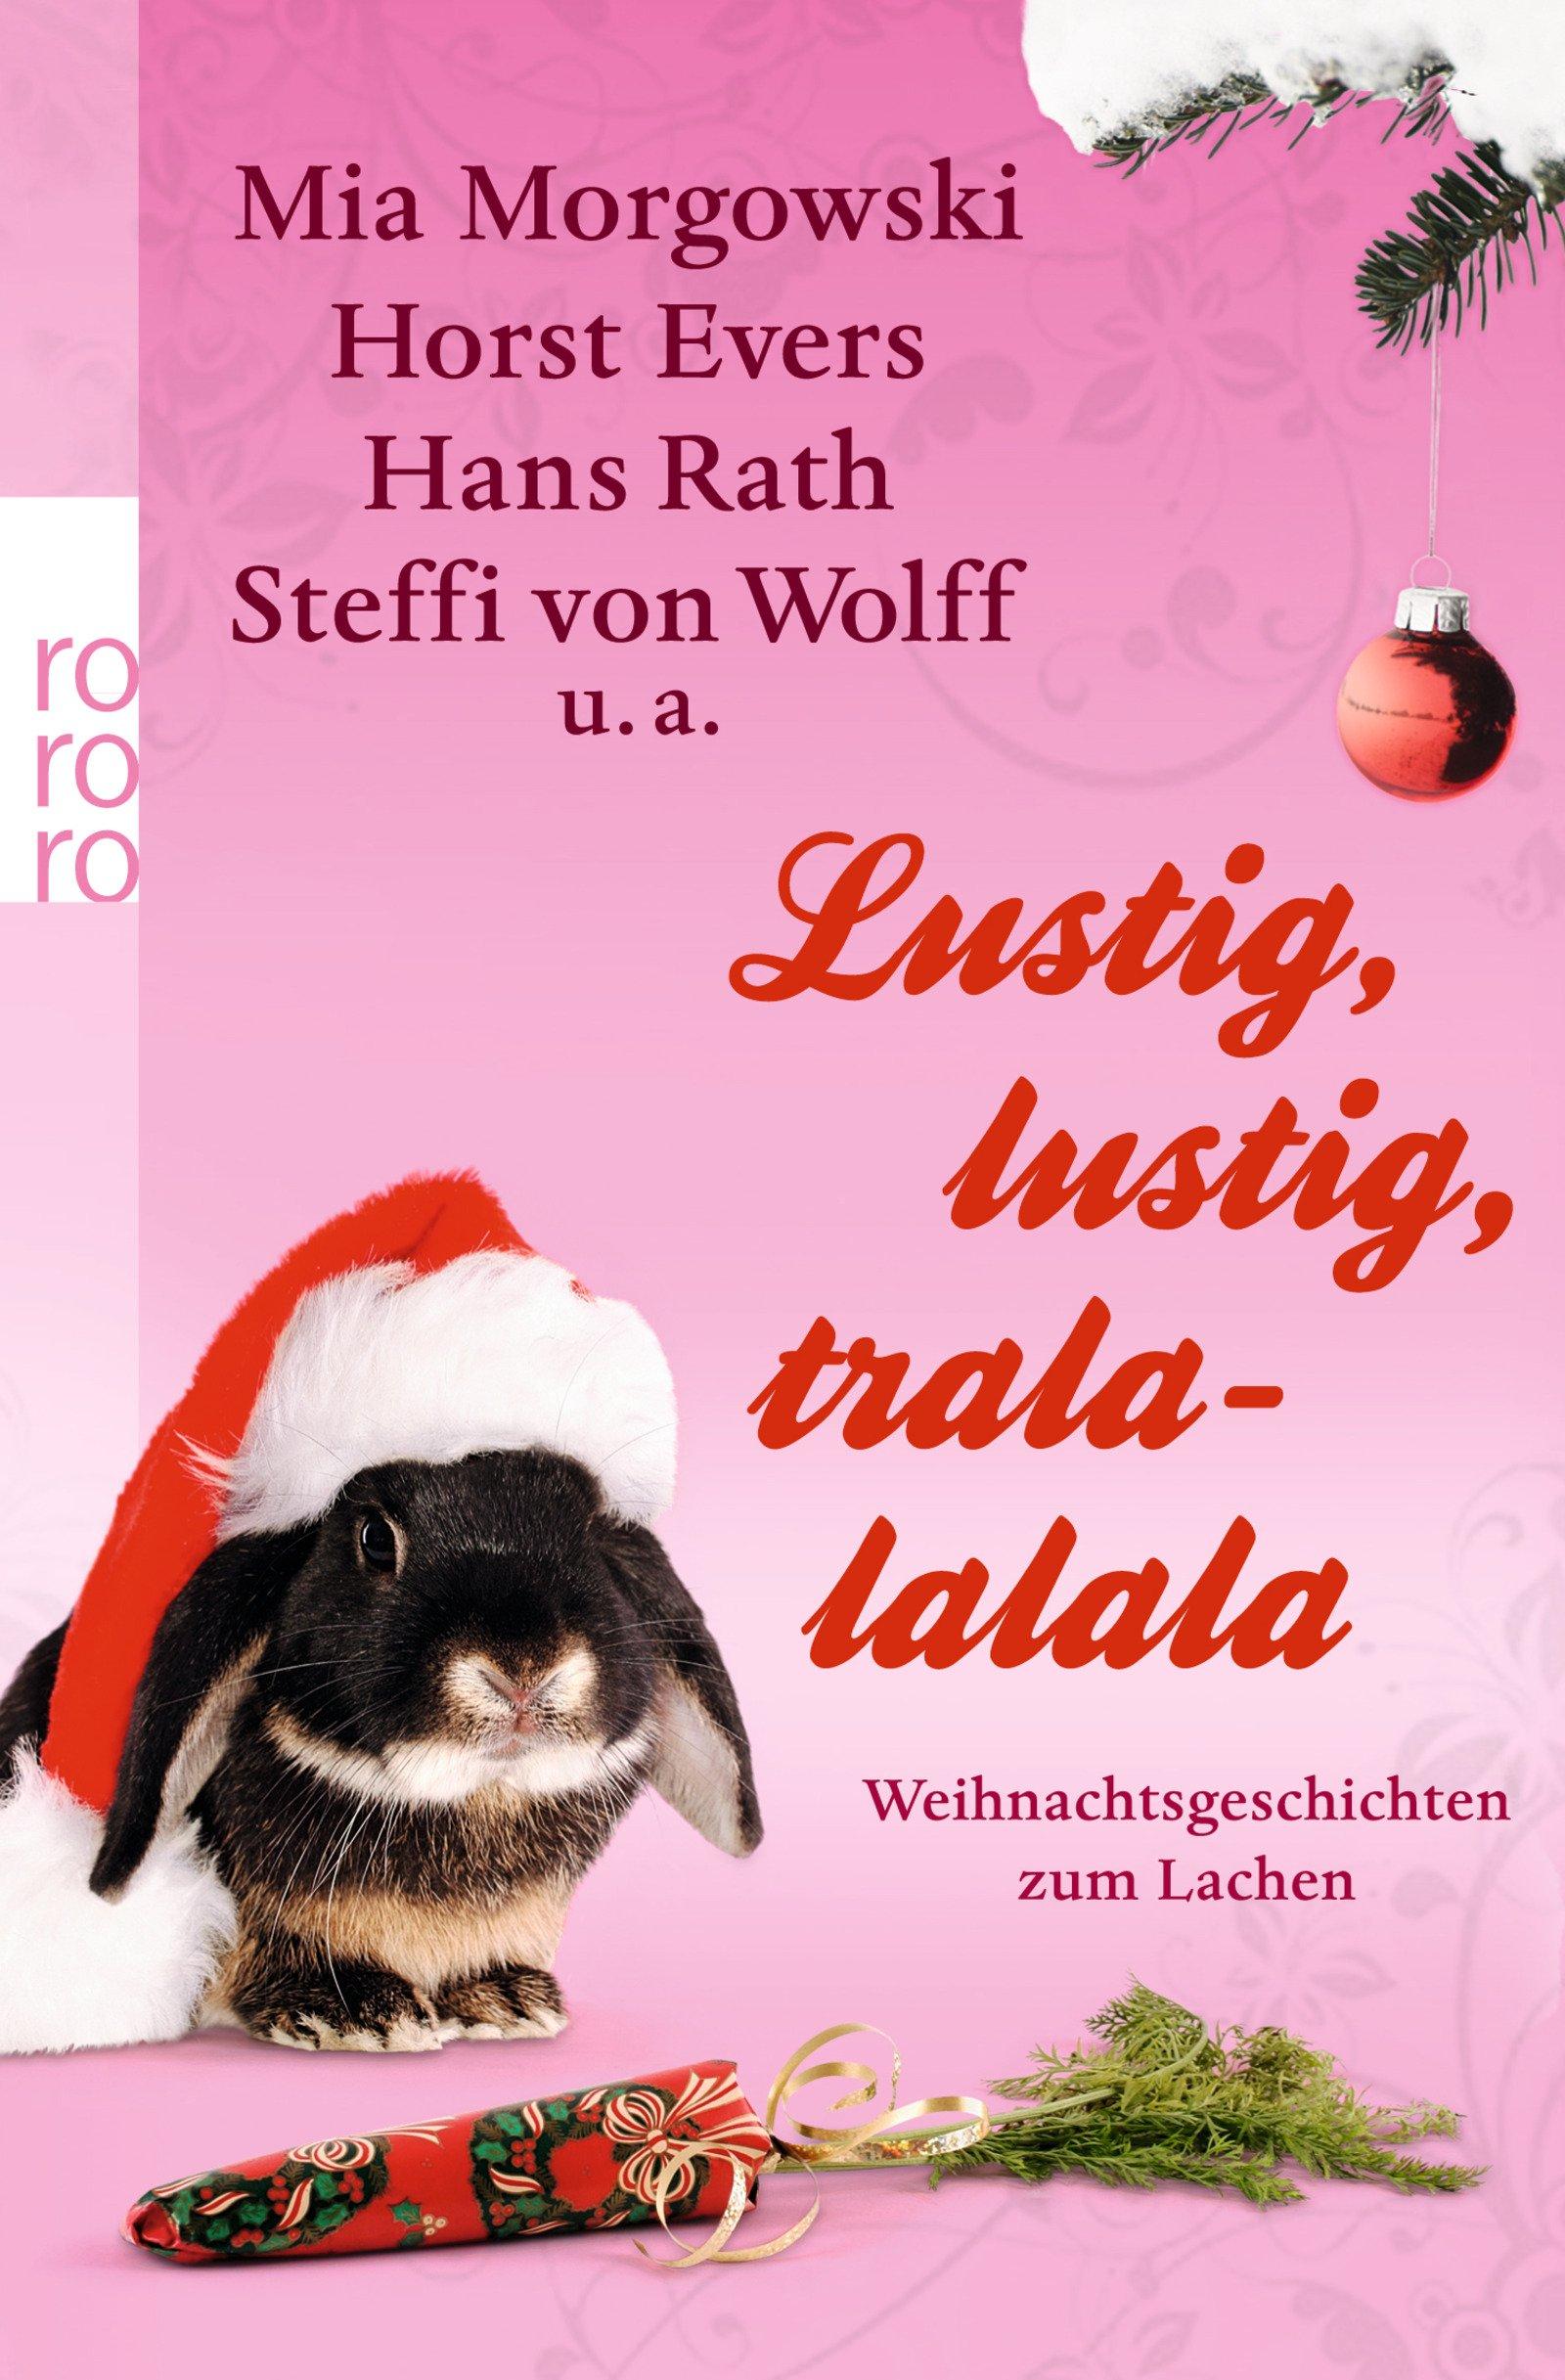 Lustig, lustig, tralalalala: Weihnachtsgeschichten zum Lachen